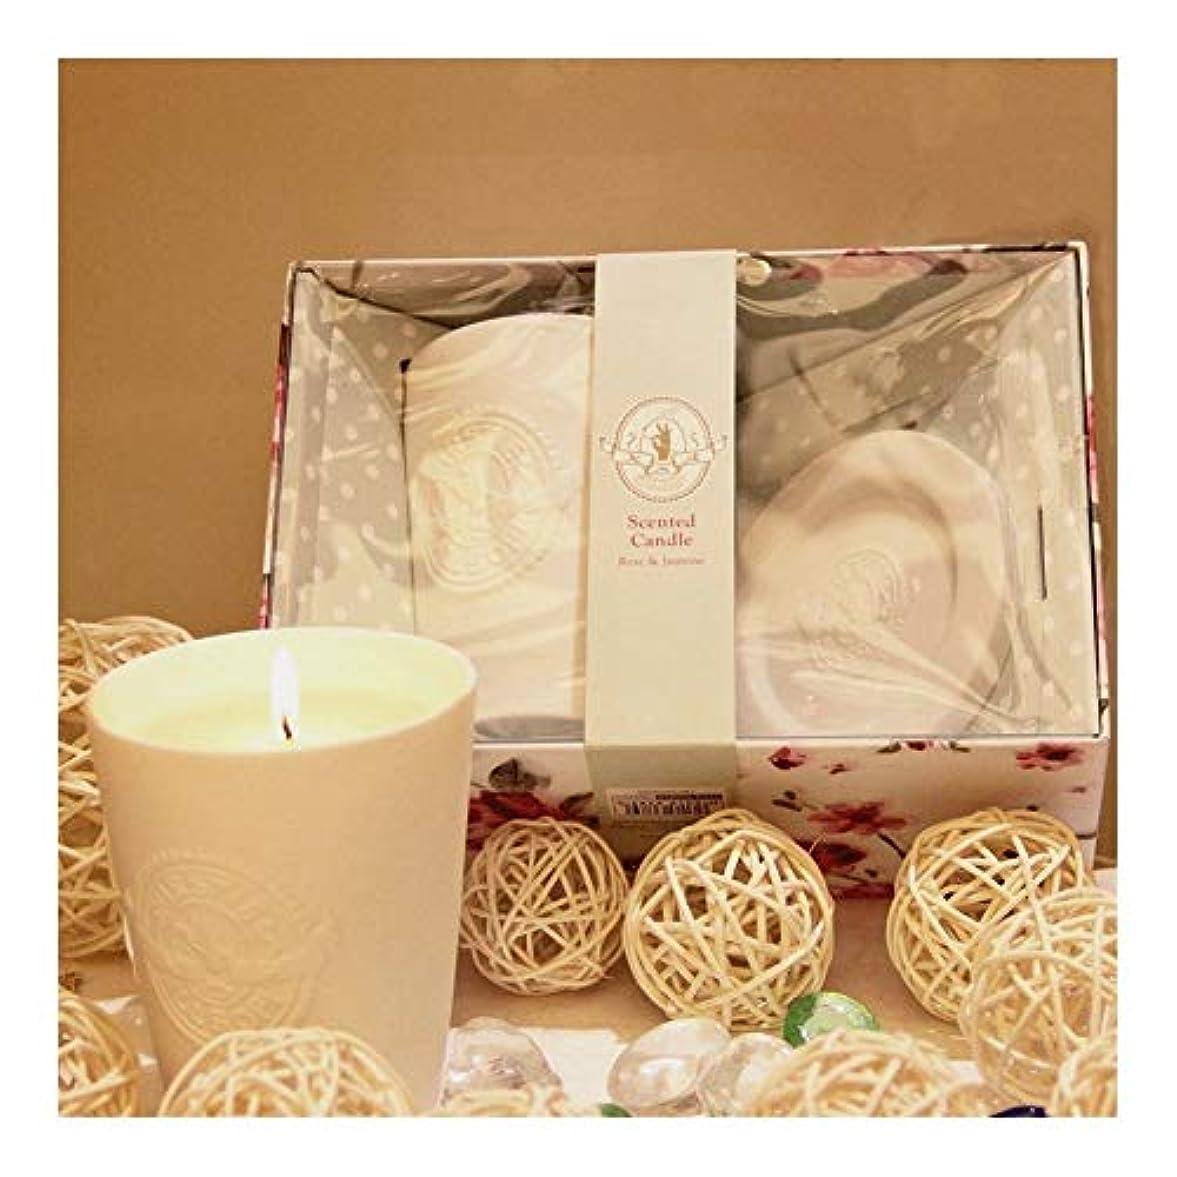 ゆるくスリップシューズギャロップACAO 白い陶器のガラス、ワックス、香料入りの蝋燭、屋内臭気の蝋燭